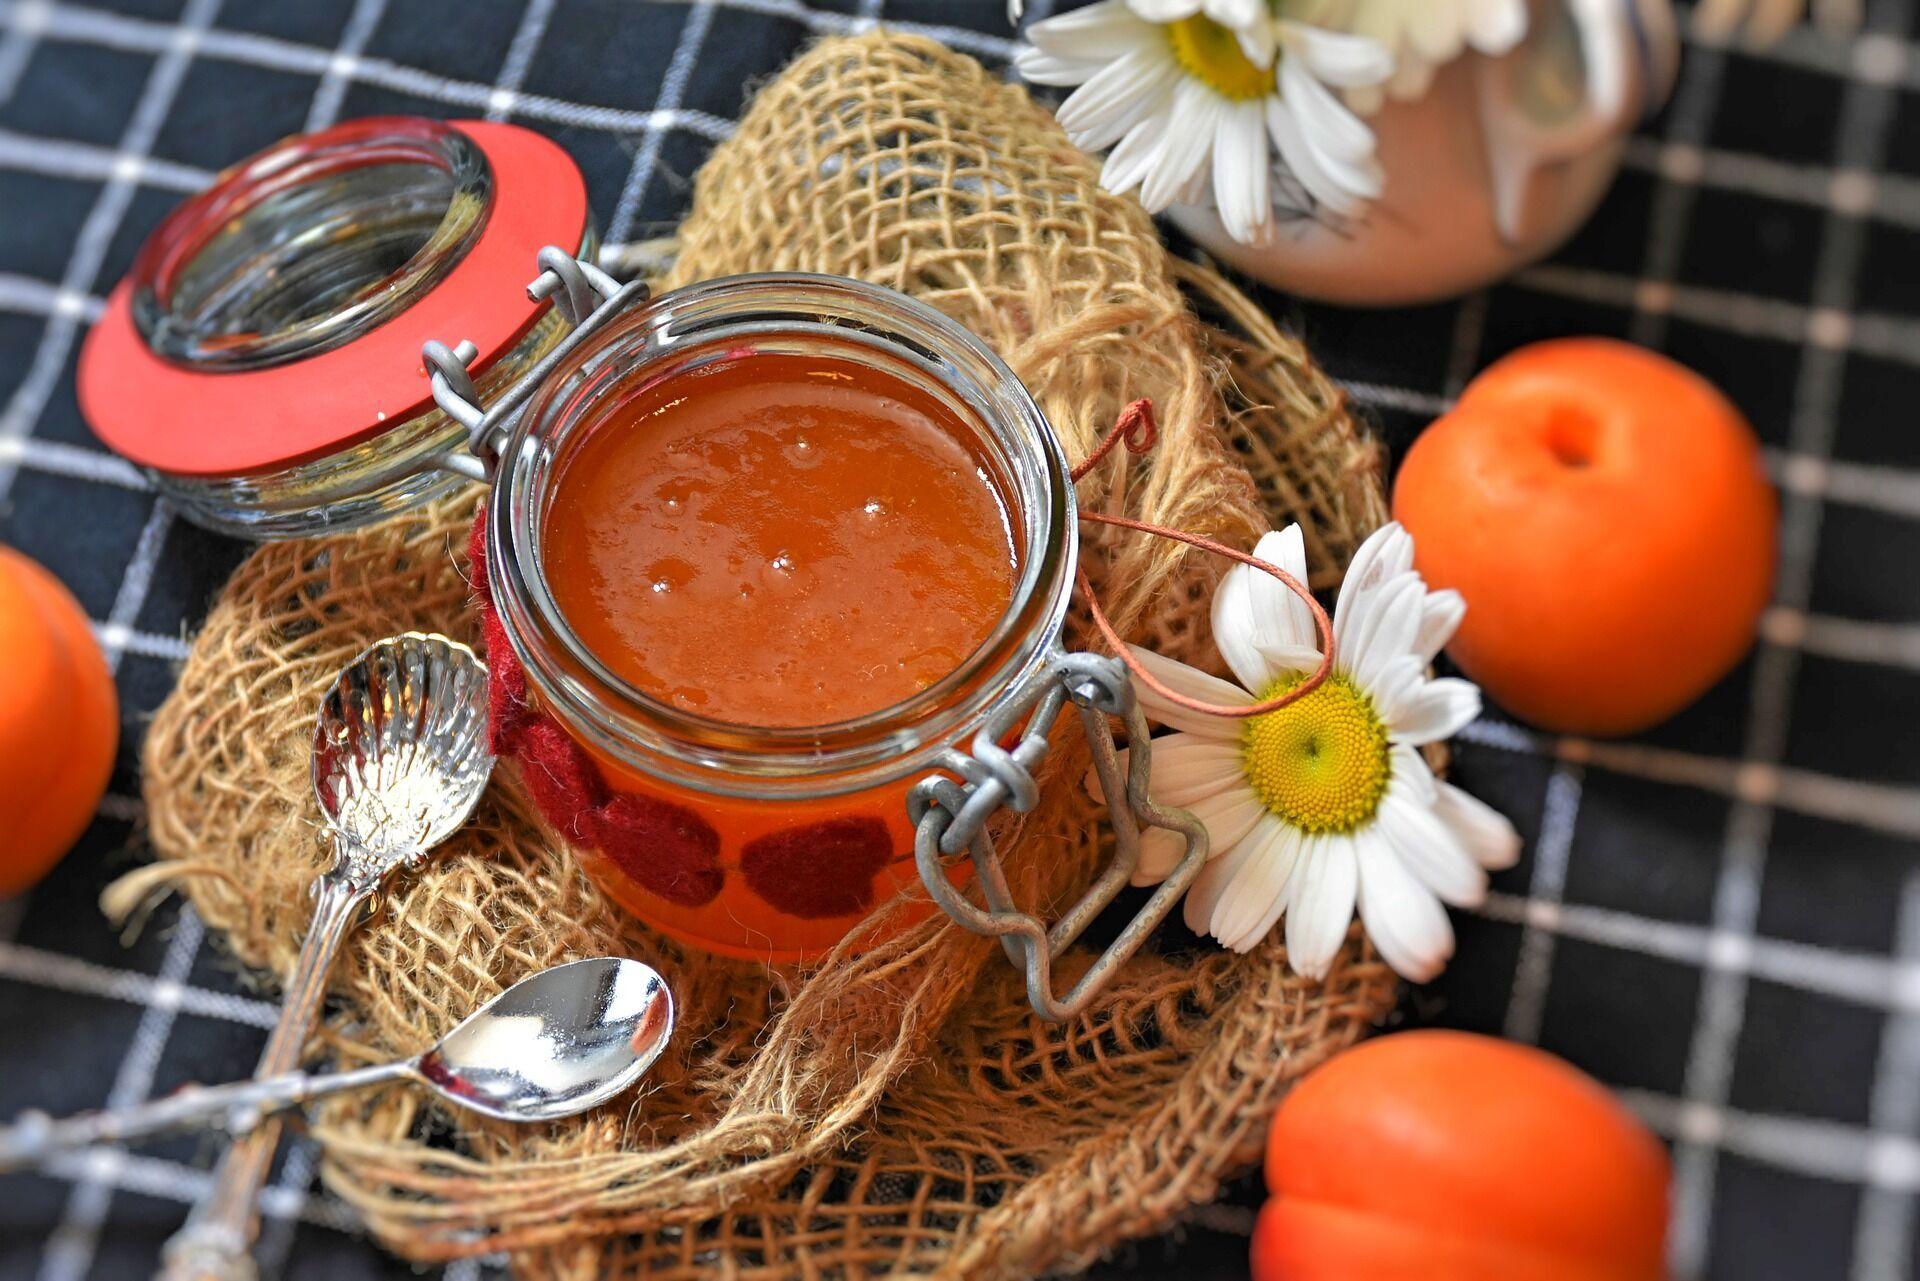 Как вкусно и правильно приготовить абрикосовое варенье дома